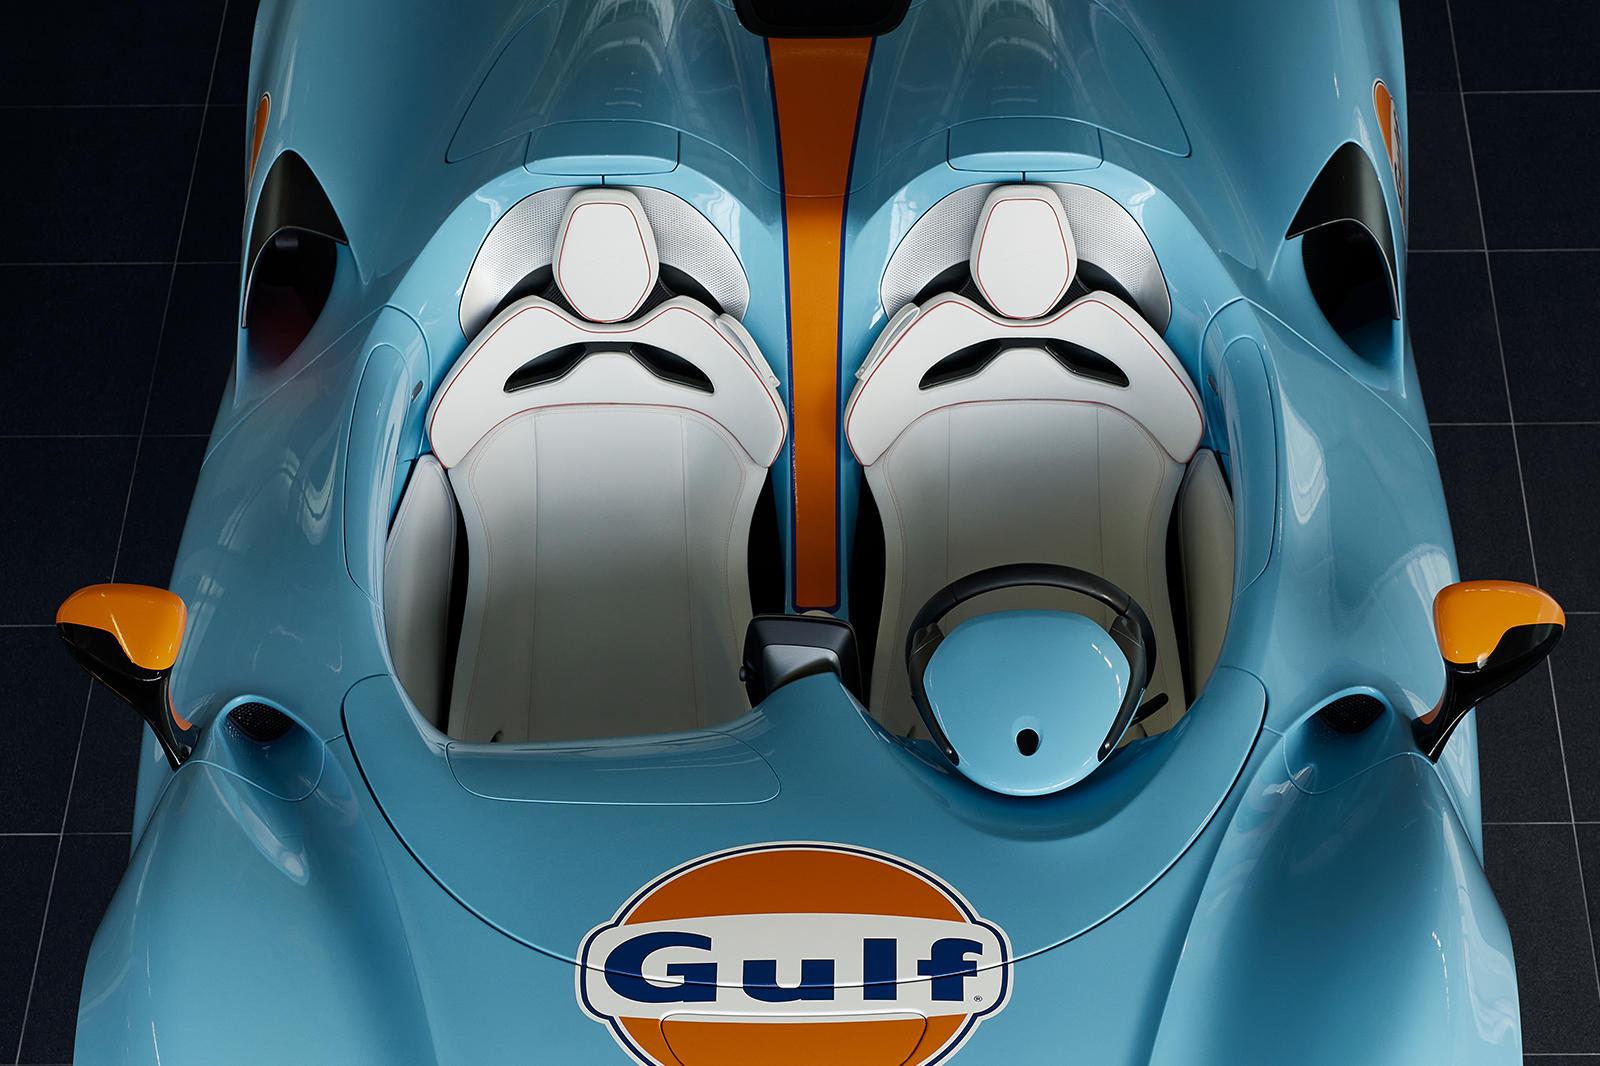 В июле этого года McLaren возобновил партнерство с Gulf Racing. Обнаружить спортивный автомобиль в ливрее Gulf Racing несложно, так как комбинация оранжевого и синего безошибочно узнаваема, поскольку ее использовали на таких McLaren, как F1 GTR, Ford